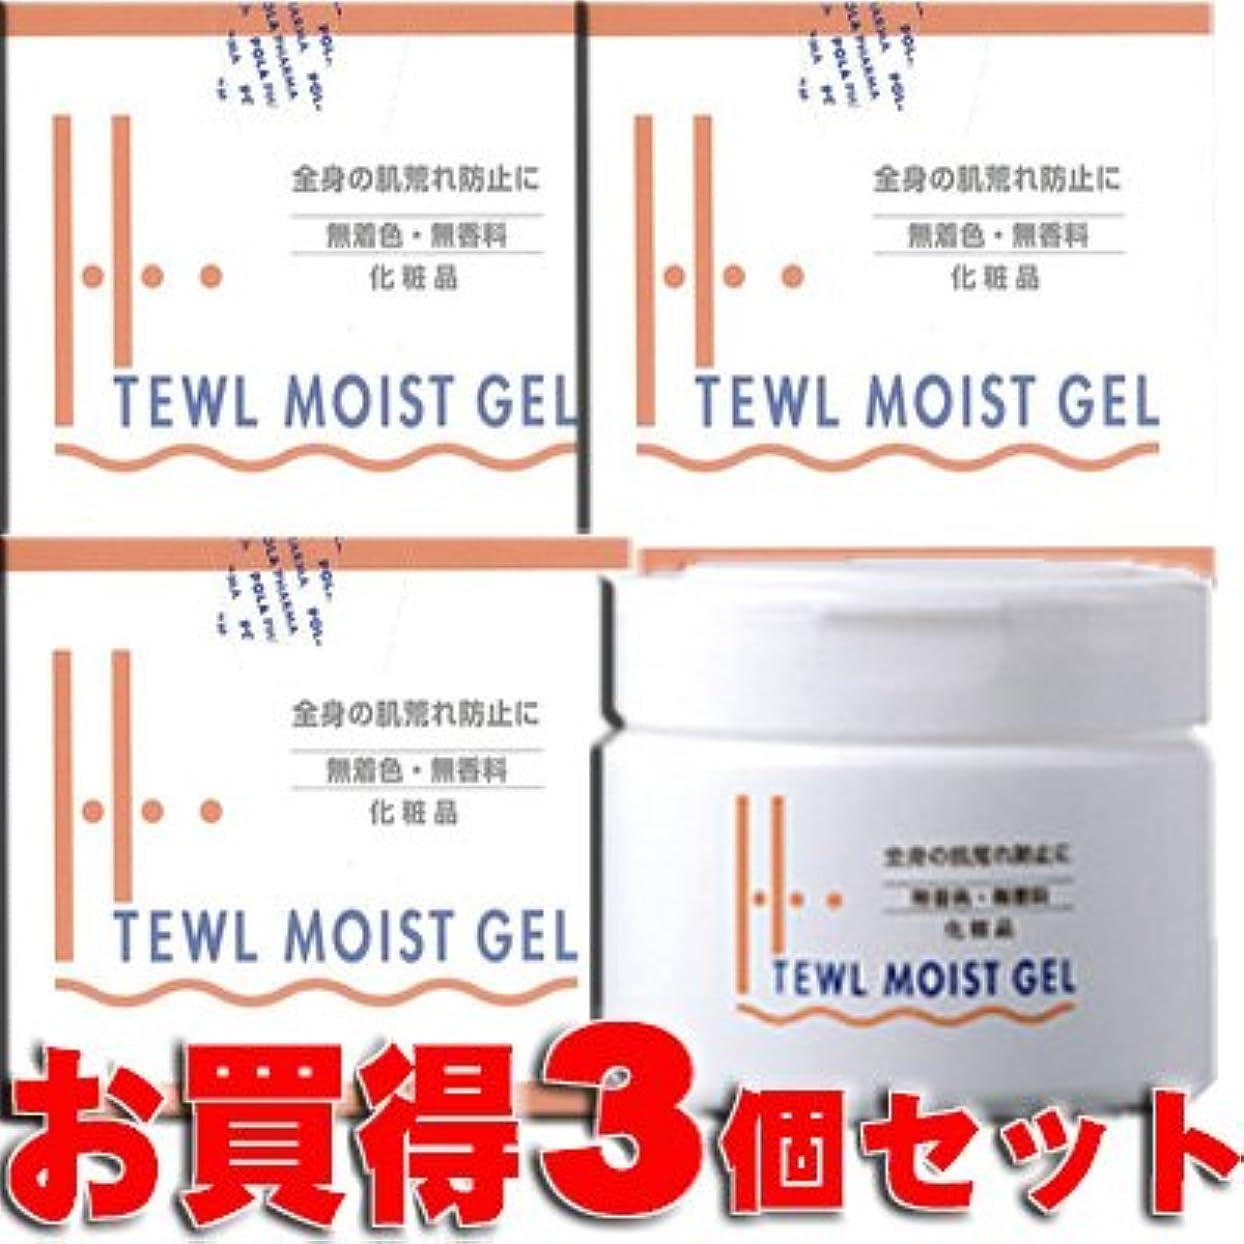 リベラル知覚的達成可能★お買得3個★ ハイテウル モイストジェル 300gx3個 (ポーラファルマ)エタノールや界面活性剤に敏感な方へおすすめするゲルクリームです。